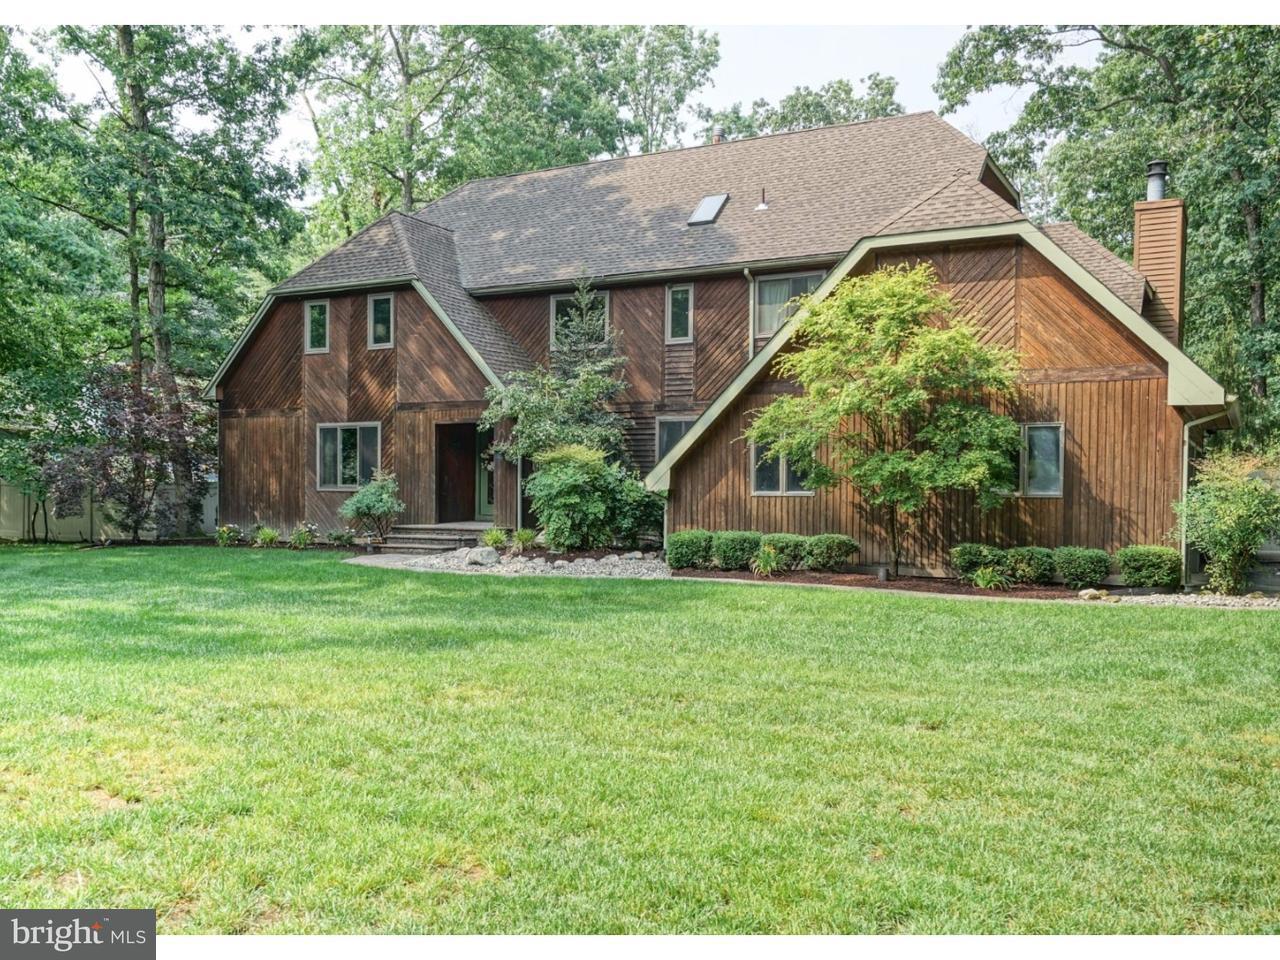 Частный односемейный дом для того Продажа на 13 SHADOW LAKE Lane Shamong, Нью-Джерси 08088 Соединенные Штаты